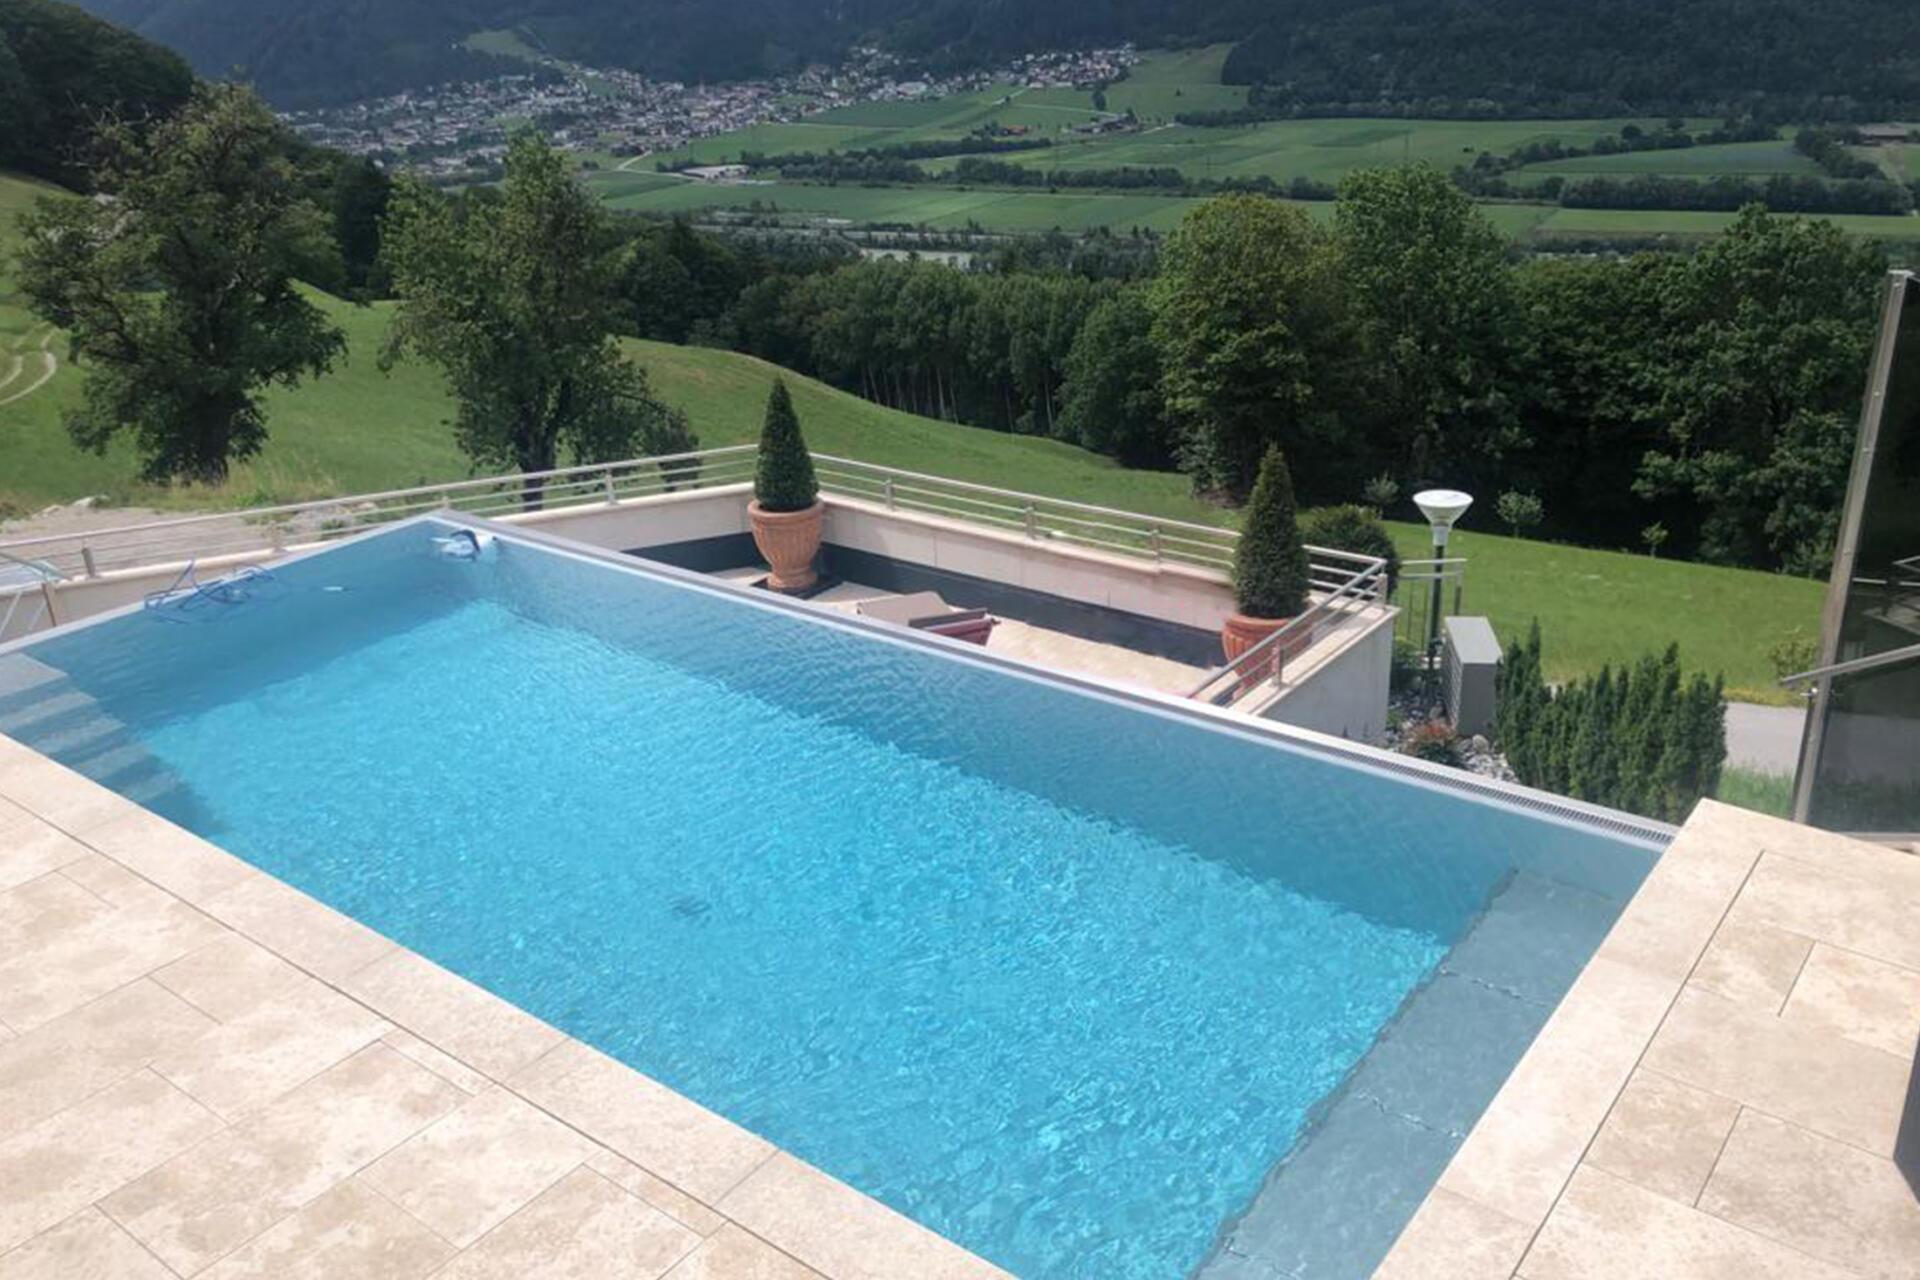 privat-m-folie-sst-pool-referenz-11-saurwein-schwimmbad-technik